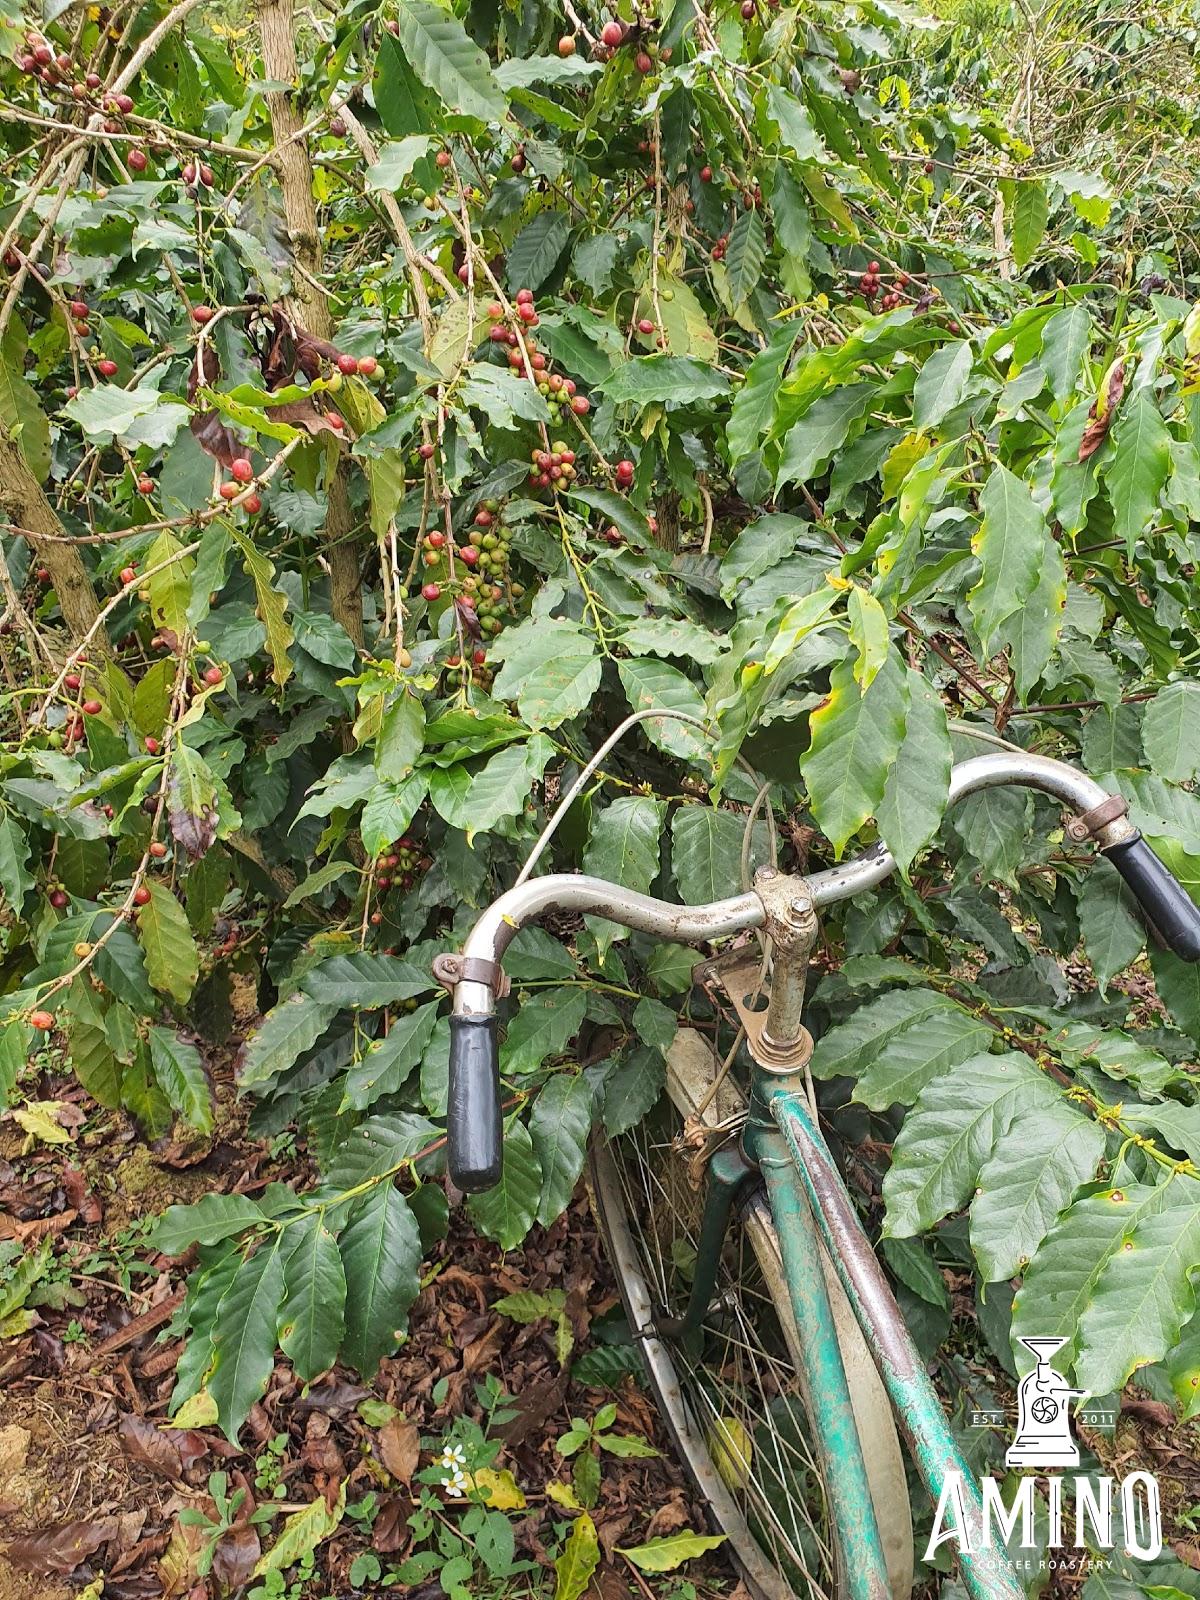 Quảng Trị, Nghệ An – nổi tiếng với cà phê Arabica giống Catimor